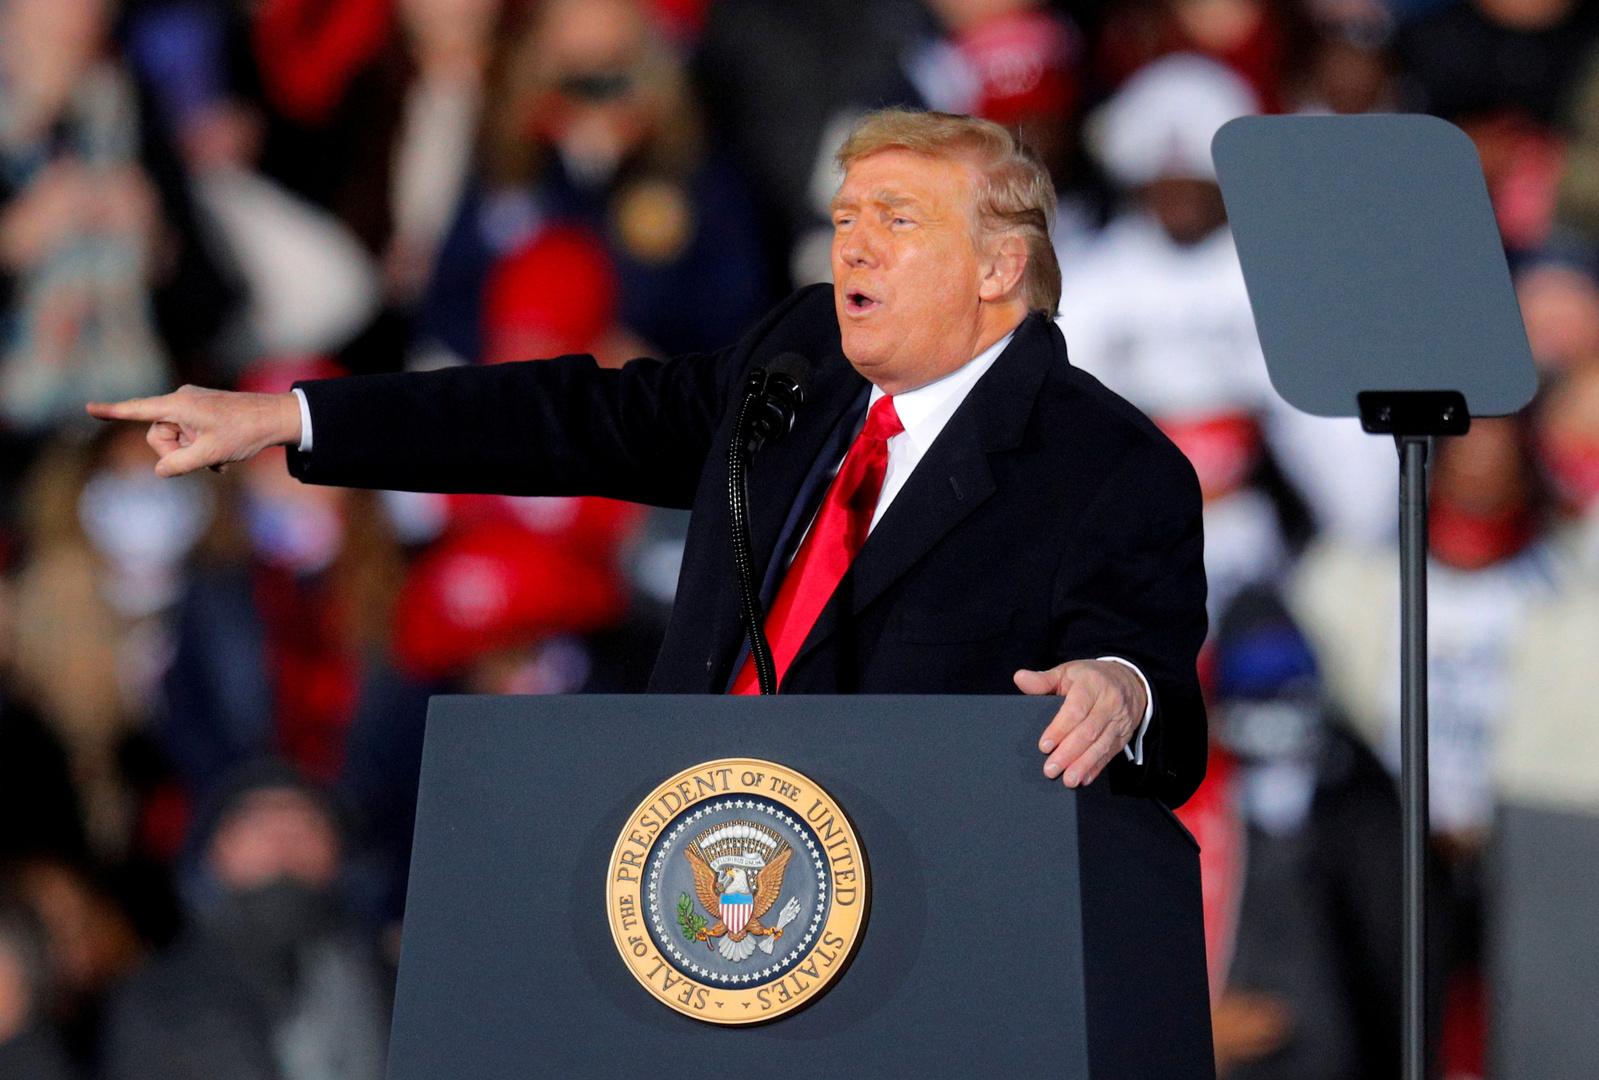 البيت الأبيض: ترامب يوافق على إعلان حالة الطوارئ في واشنطن